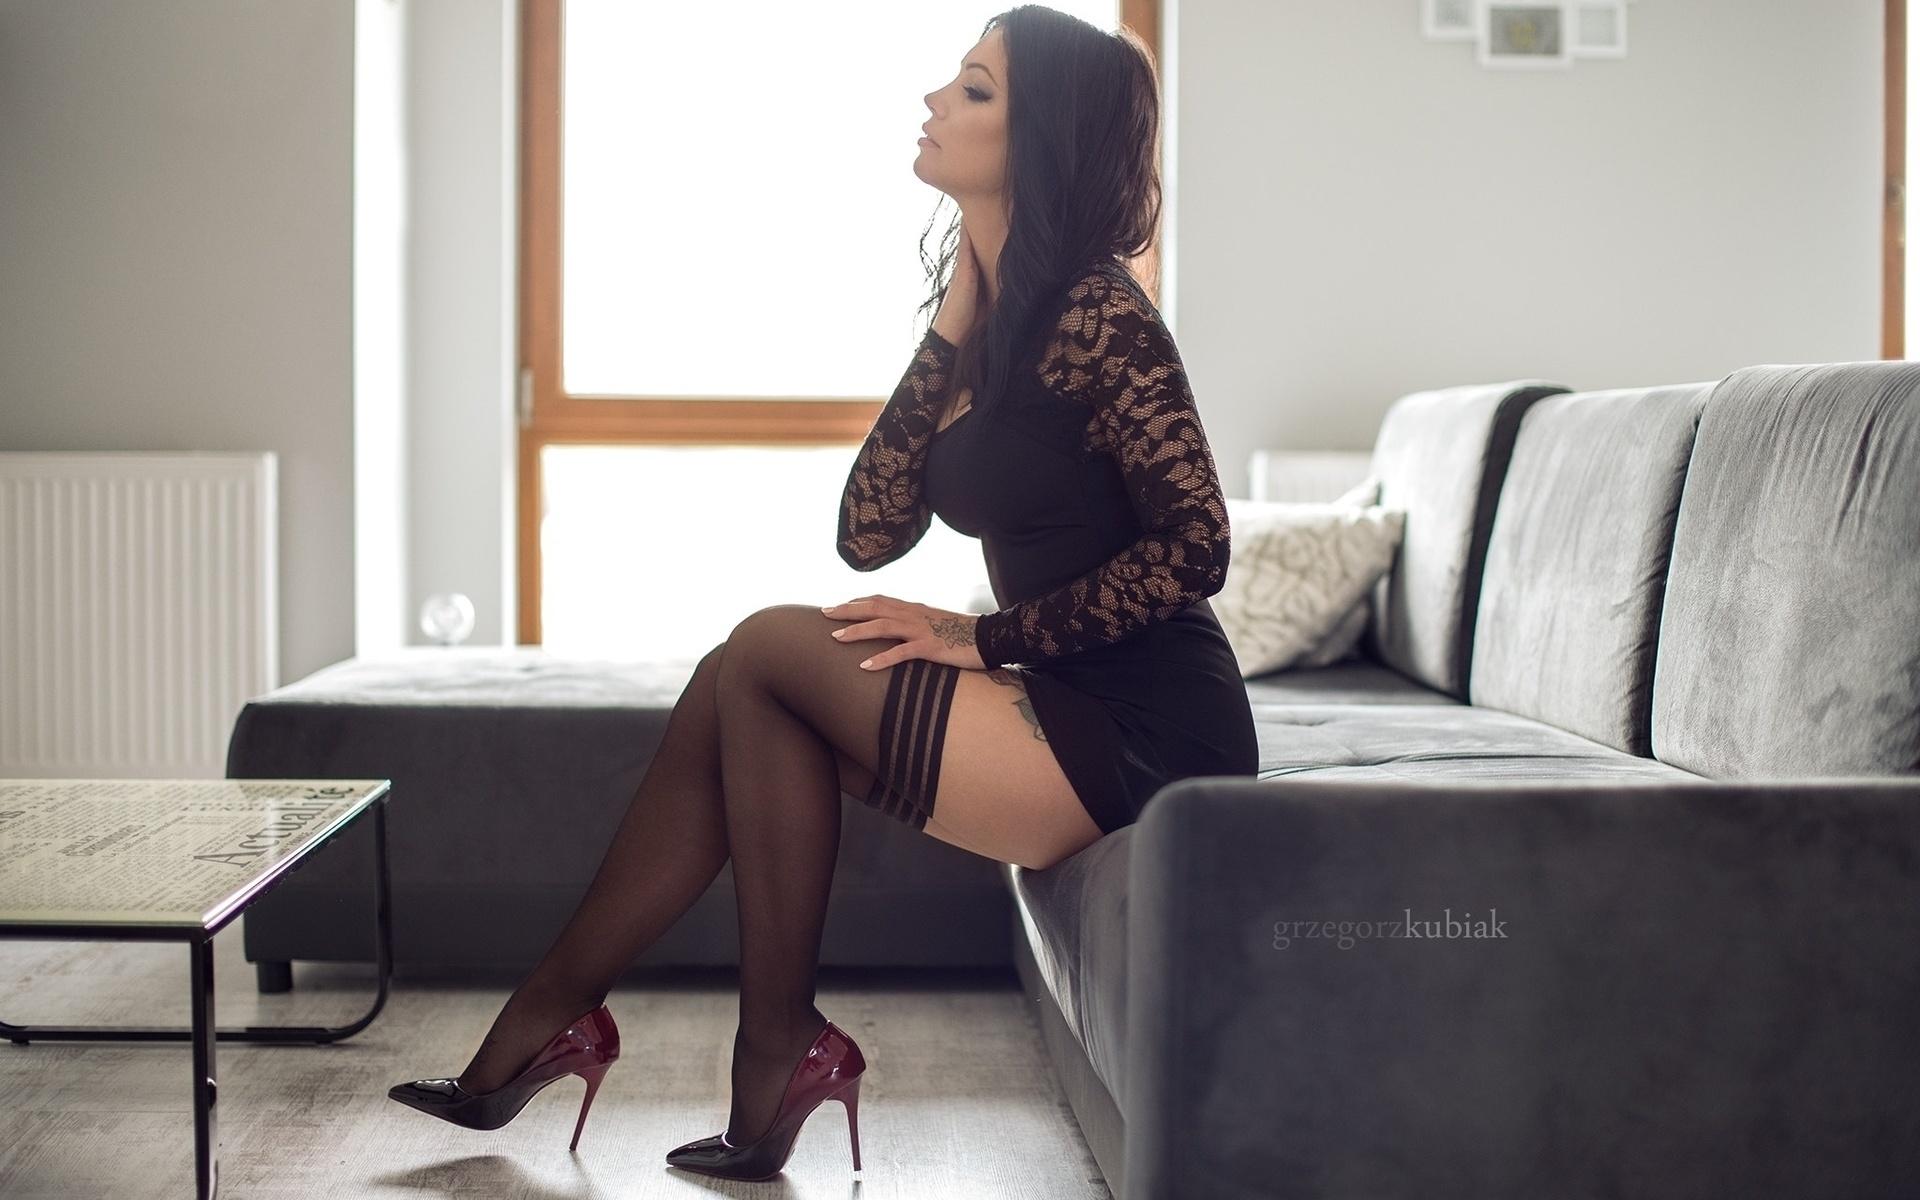 Элегантная девушка в черных чулках